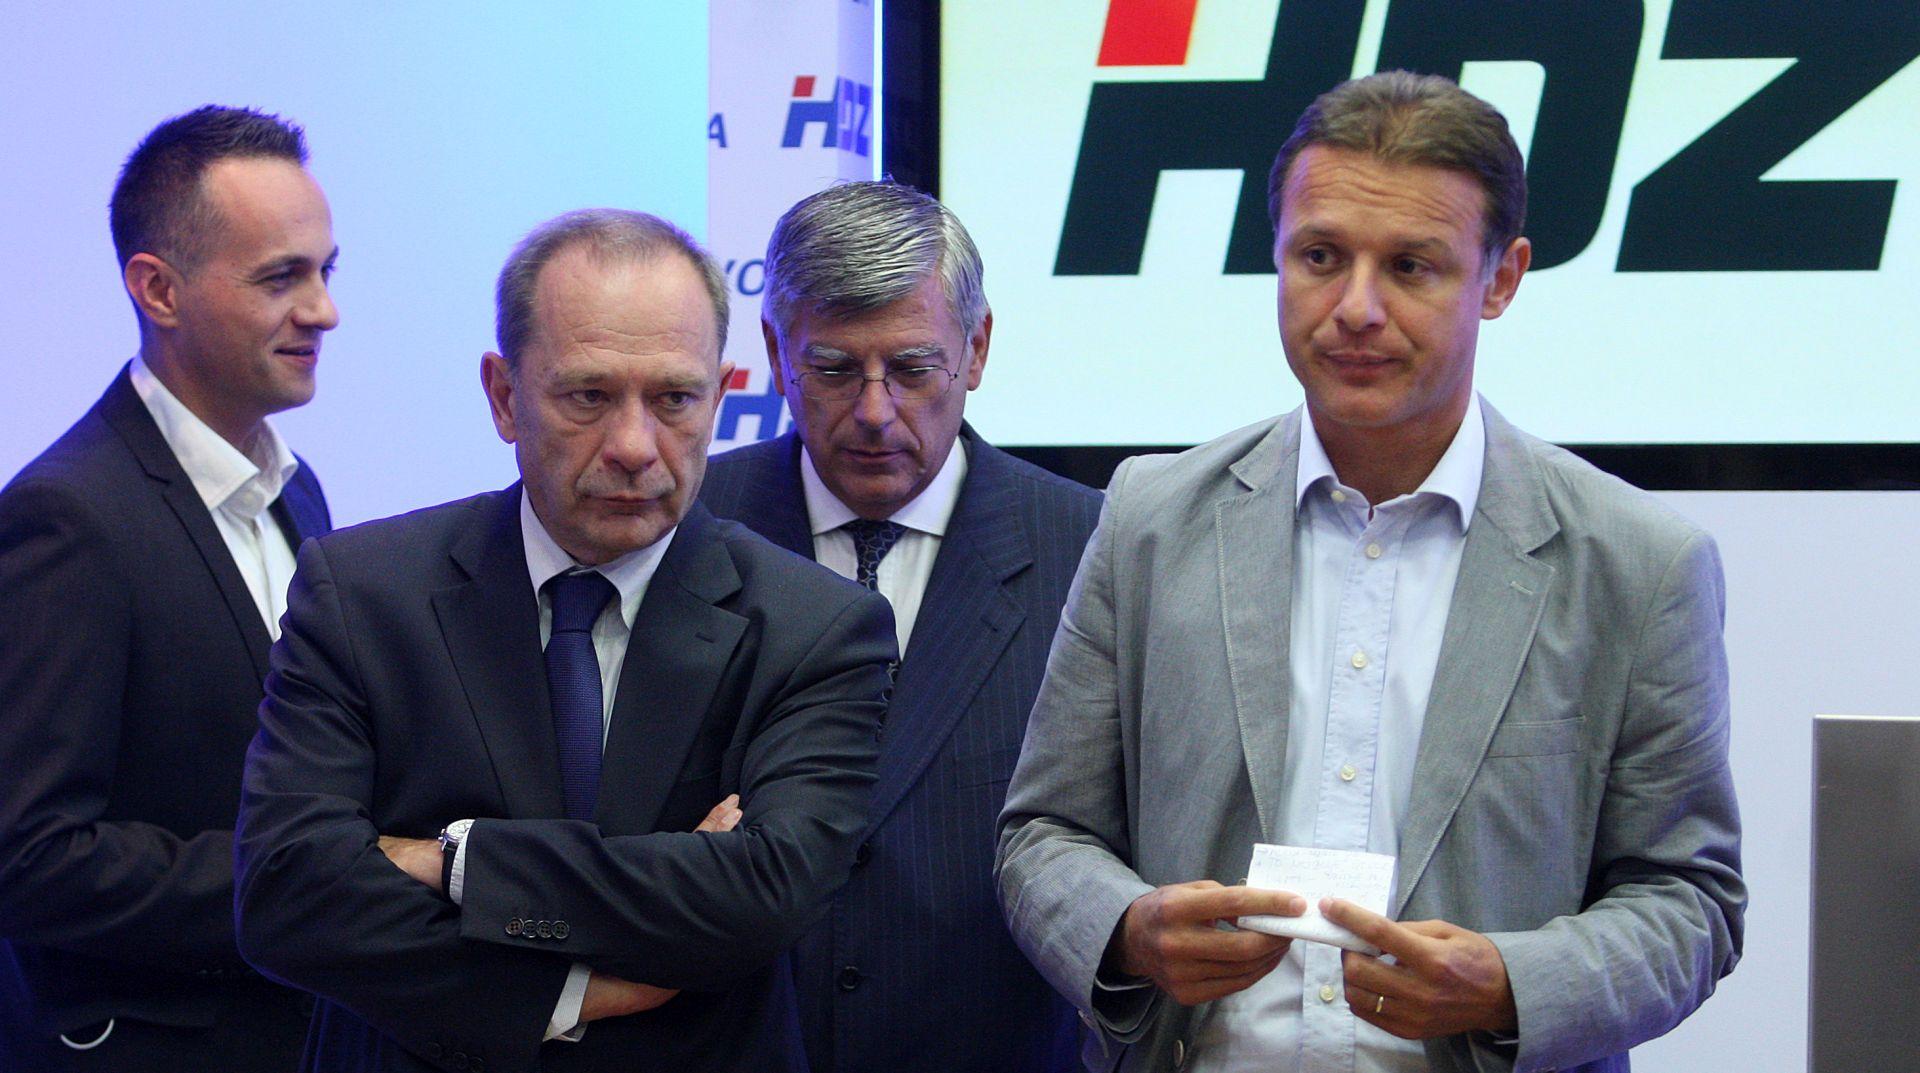 IZBORI 2015. Jandroković: Cijeli mandat SDP-a može se svesti na minutu izjave Grčića